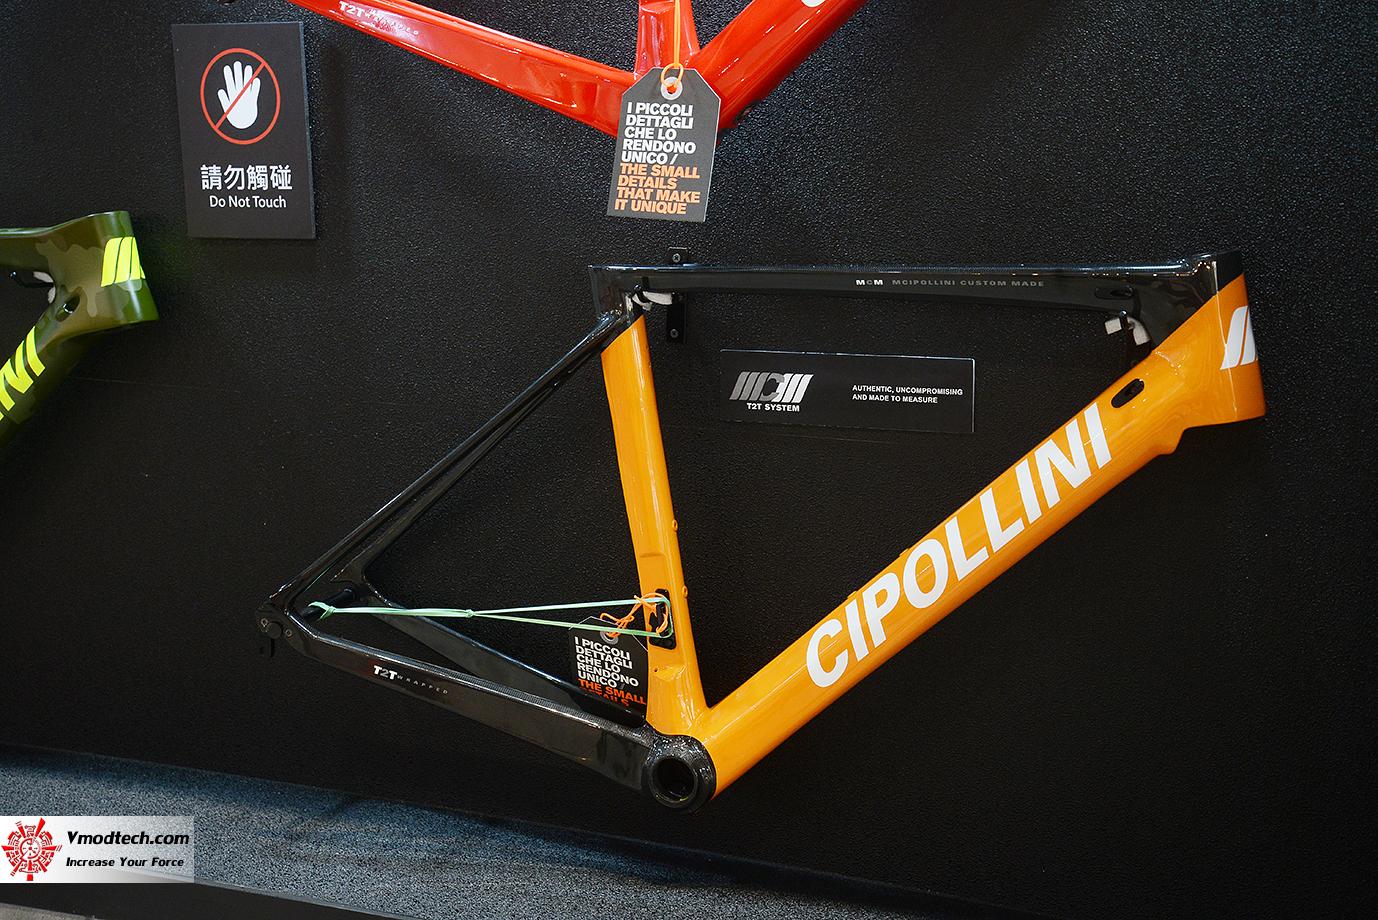 dsc 9218 เยี่ยมชมงาน TAIPEI CYCLE 2019 งานของคนรักจักรยาน ณ กรุงไทเป ประเทศไต้หวัน